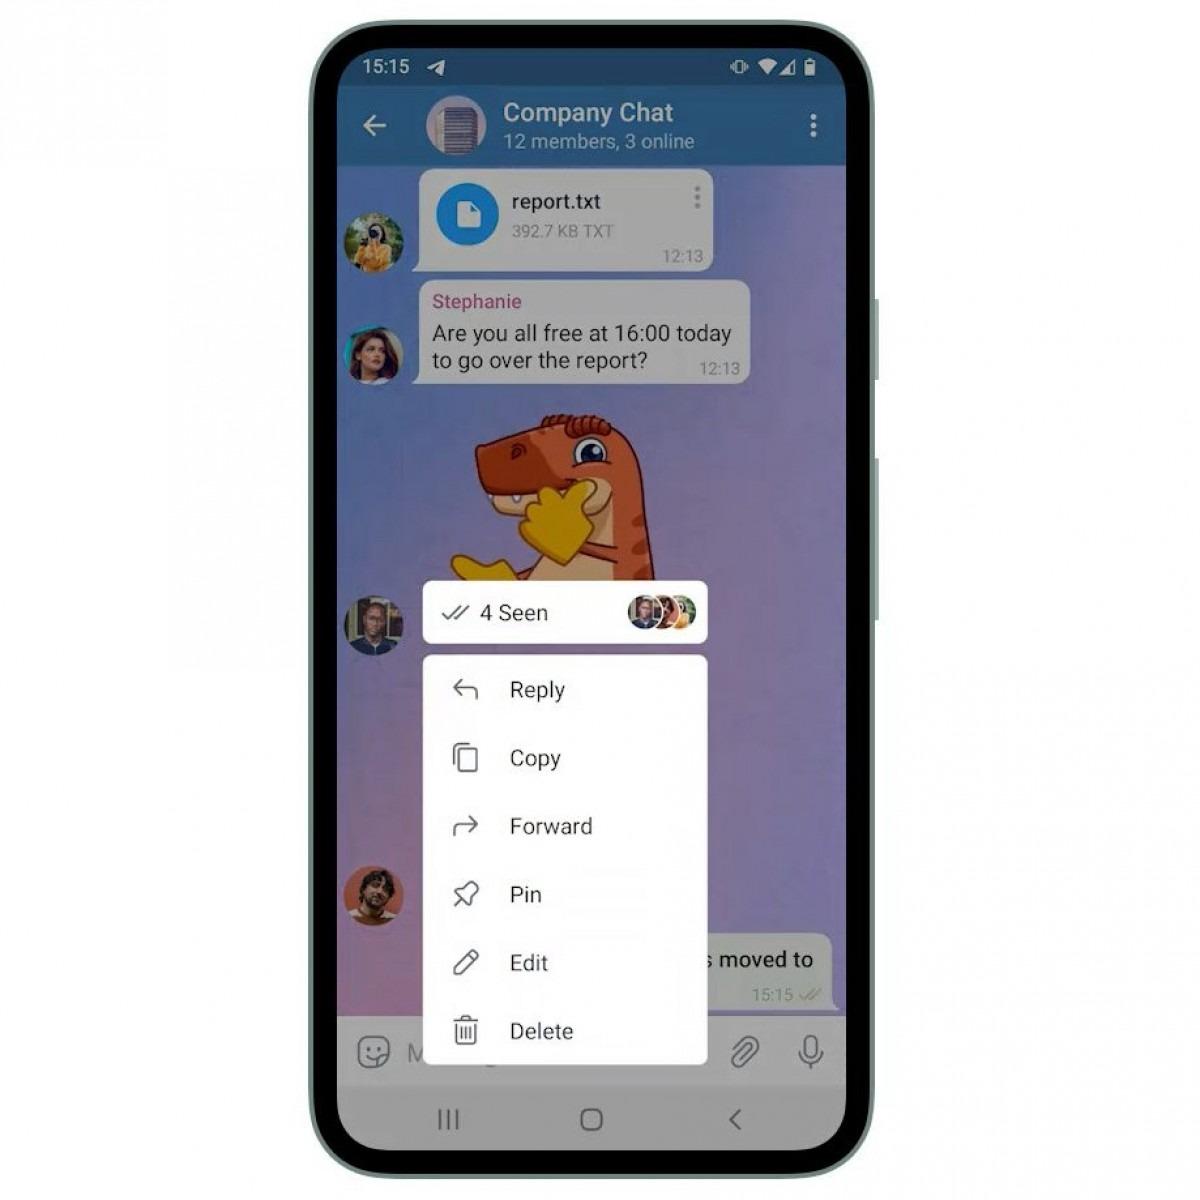 با بهروزرسانی تلگرام ، تمهای چت ، ایموجی تعاملی و رسیدهای خواندن به صورت گروهی اضافه می شوند